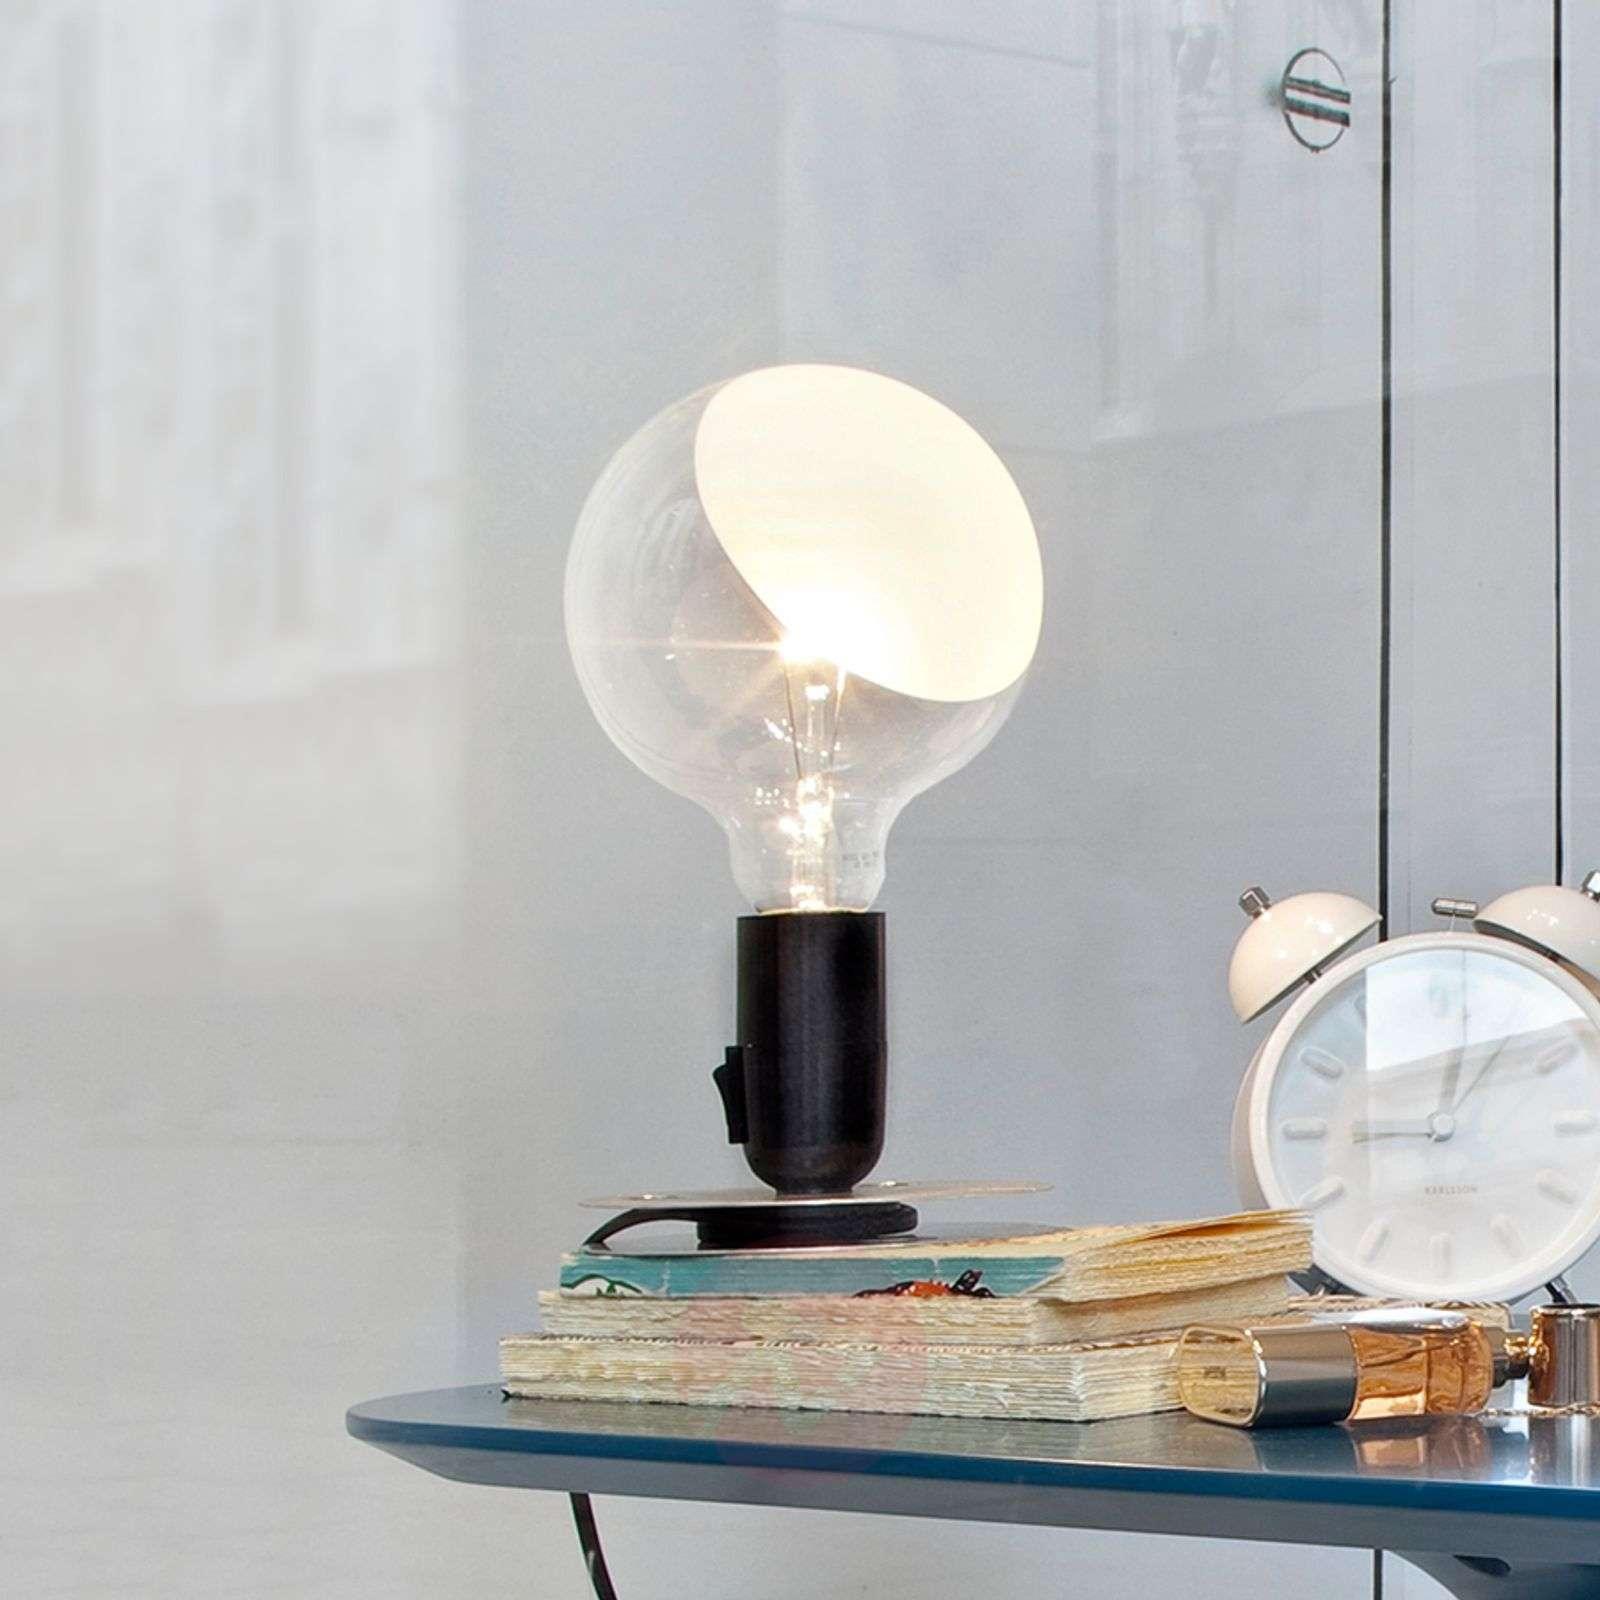 Original LED designer table lamp Lampadina-3510368-01